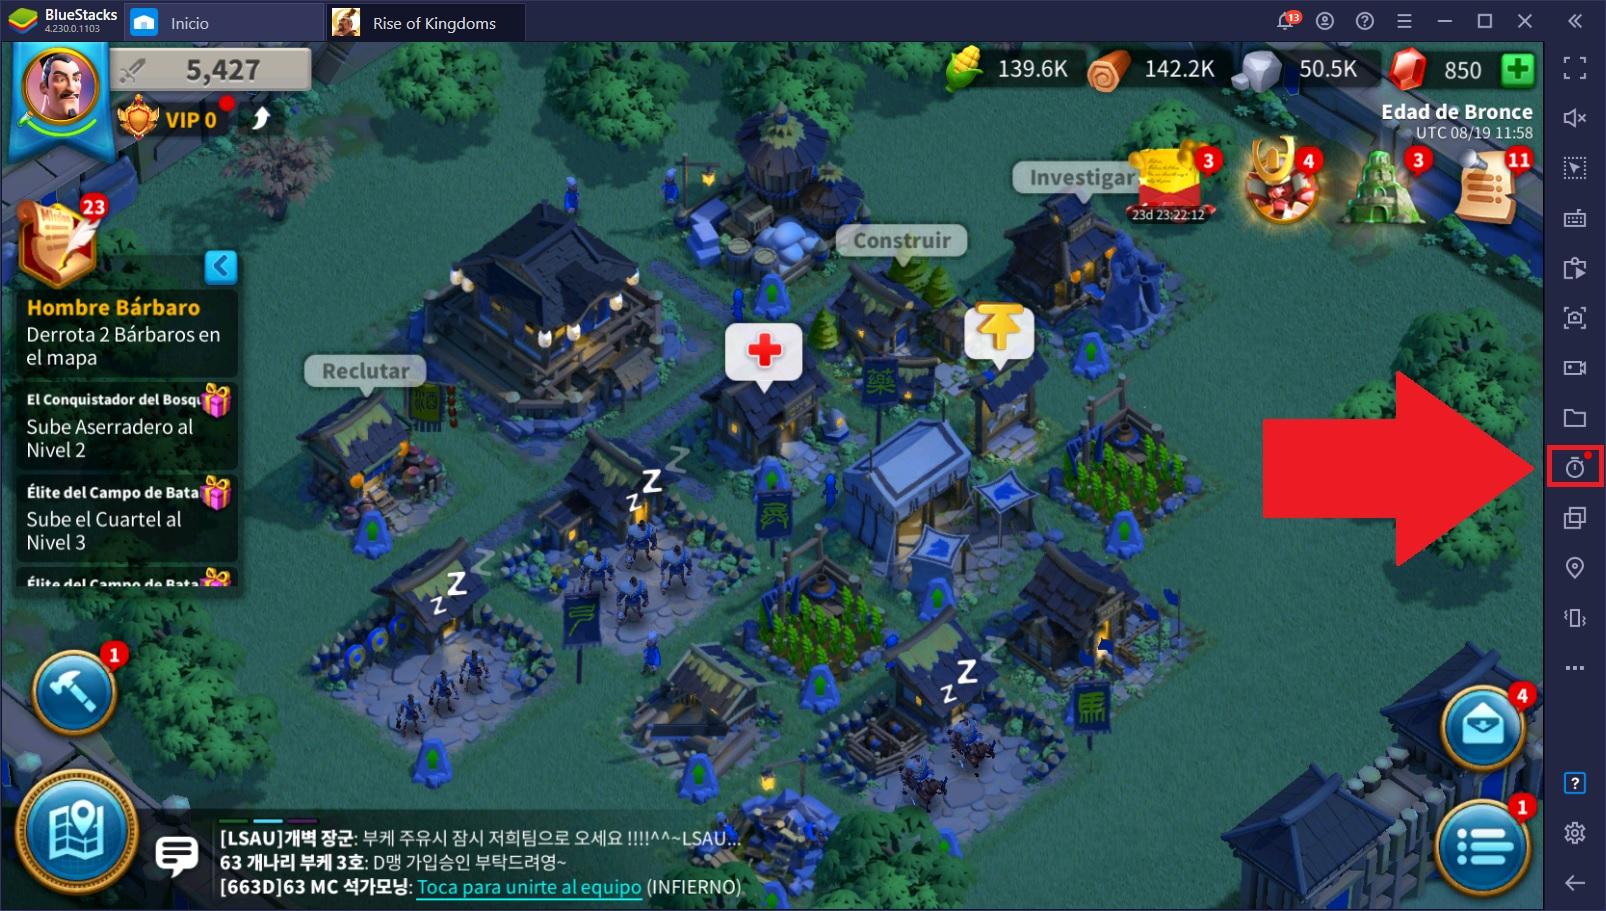 El Nuevo Conversor UTC de BlueStacks: Convierte los Eventos en tus Juegos de UTC a tu Hora Local